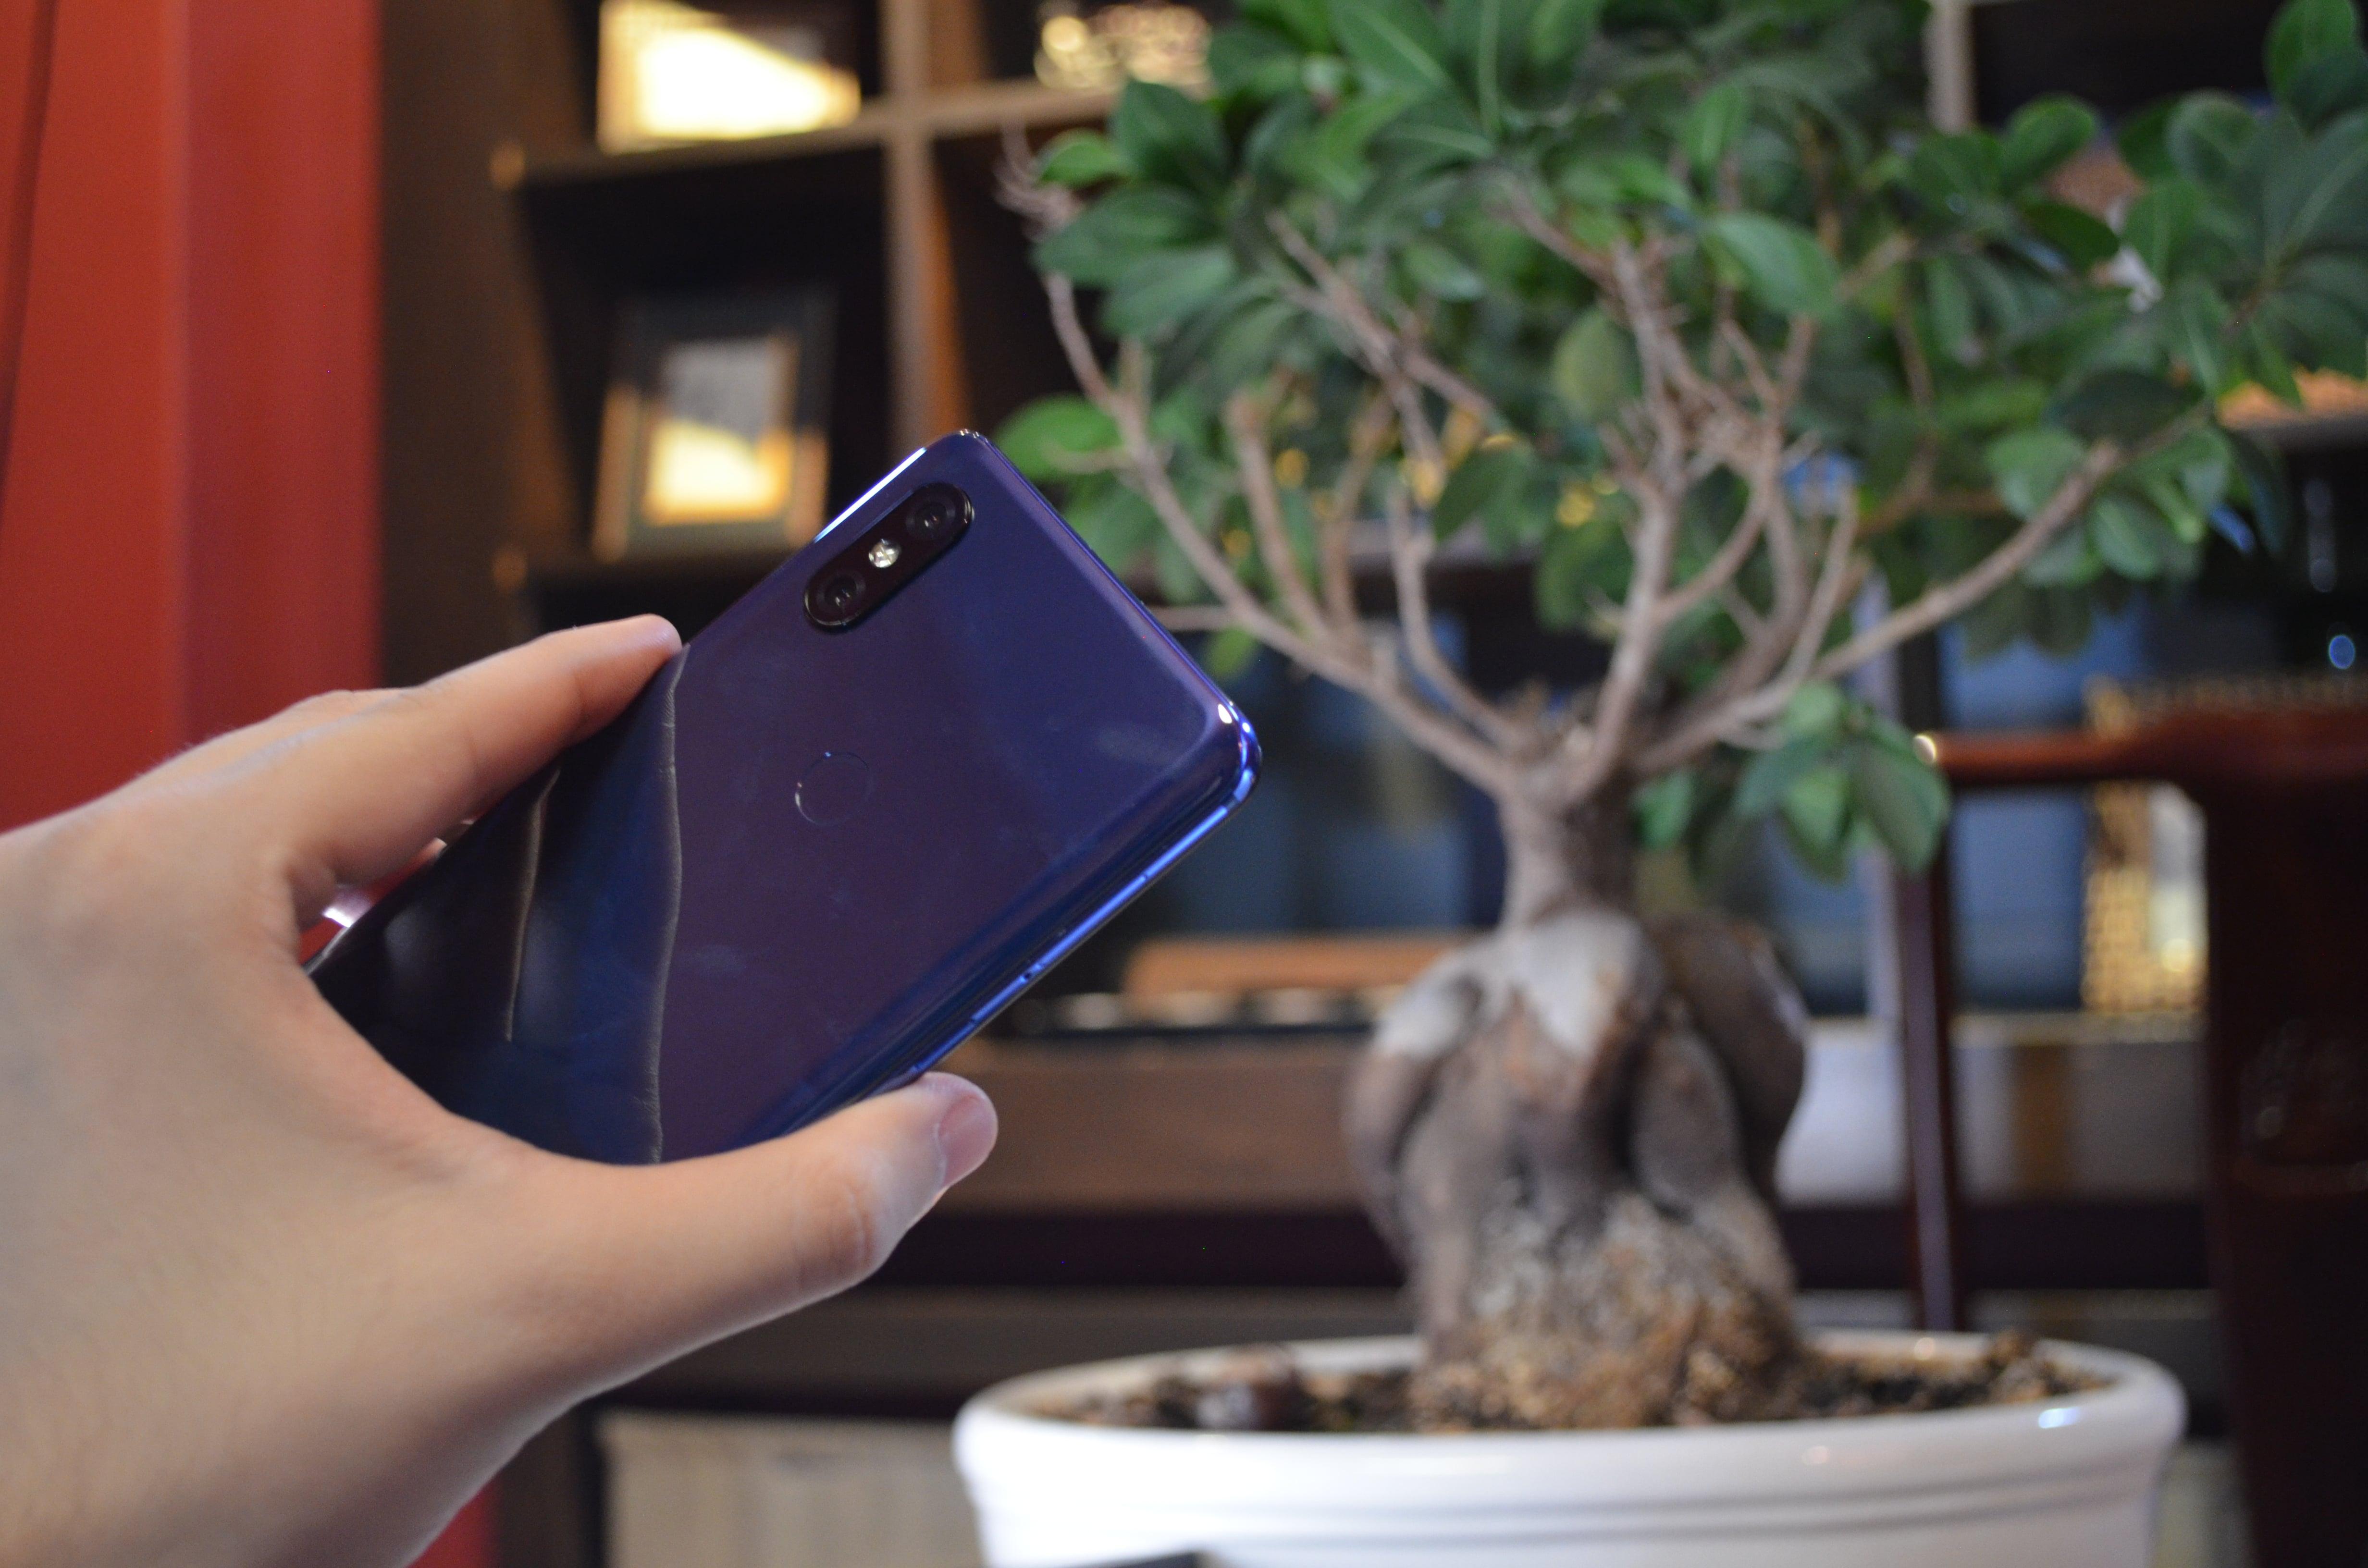 Mieliśmy w rękach Xiaomi Mi MIX 3 - robi bardzo pozytywne pierwsze wrażenie 24